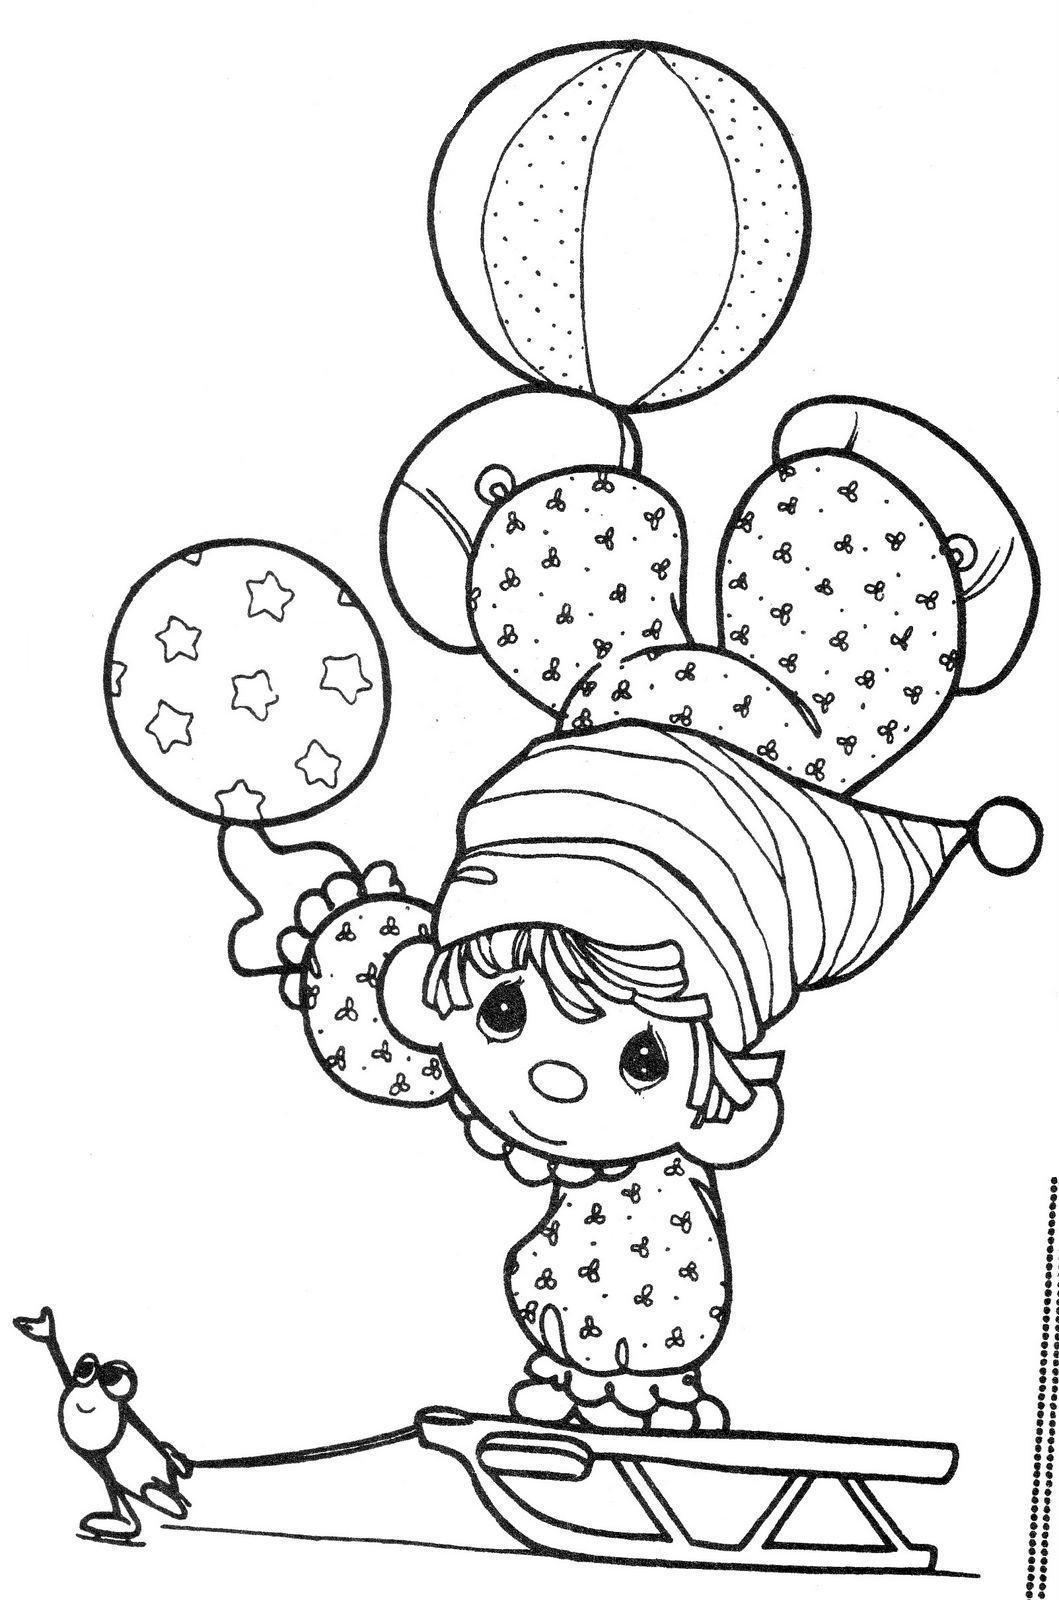 Dibujos de payasos de preciosos momentos - Imagui